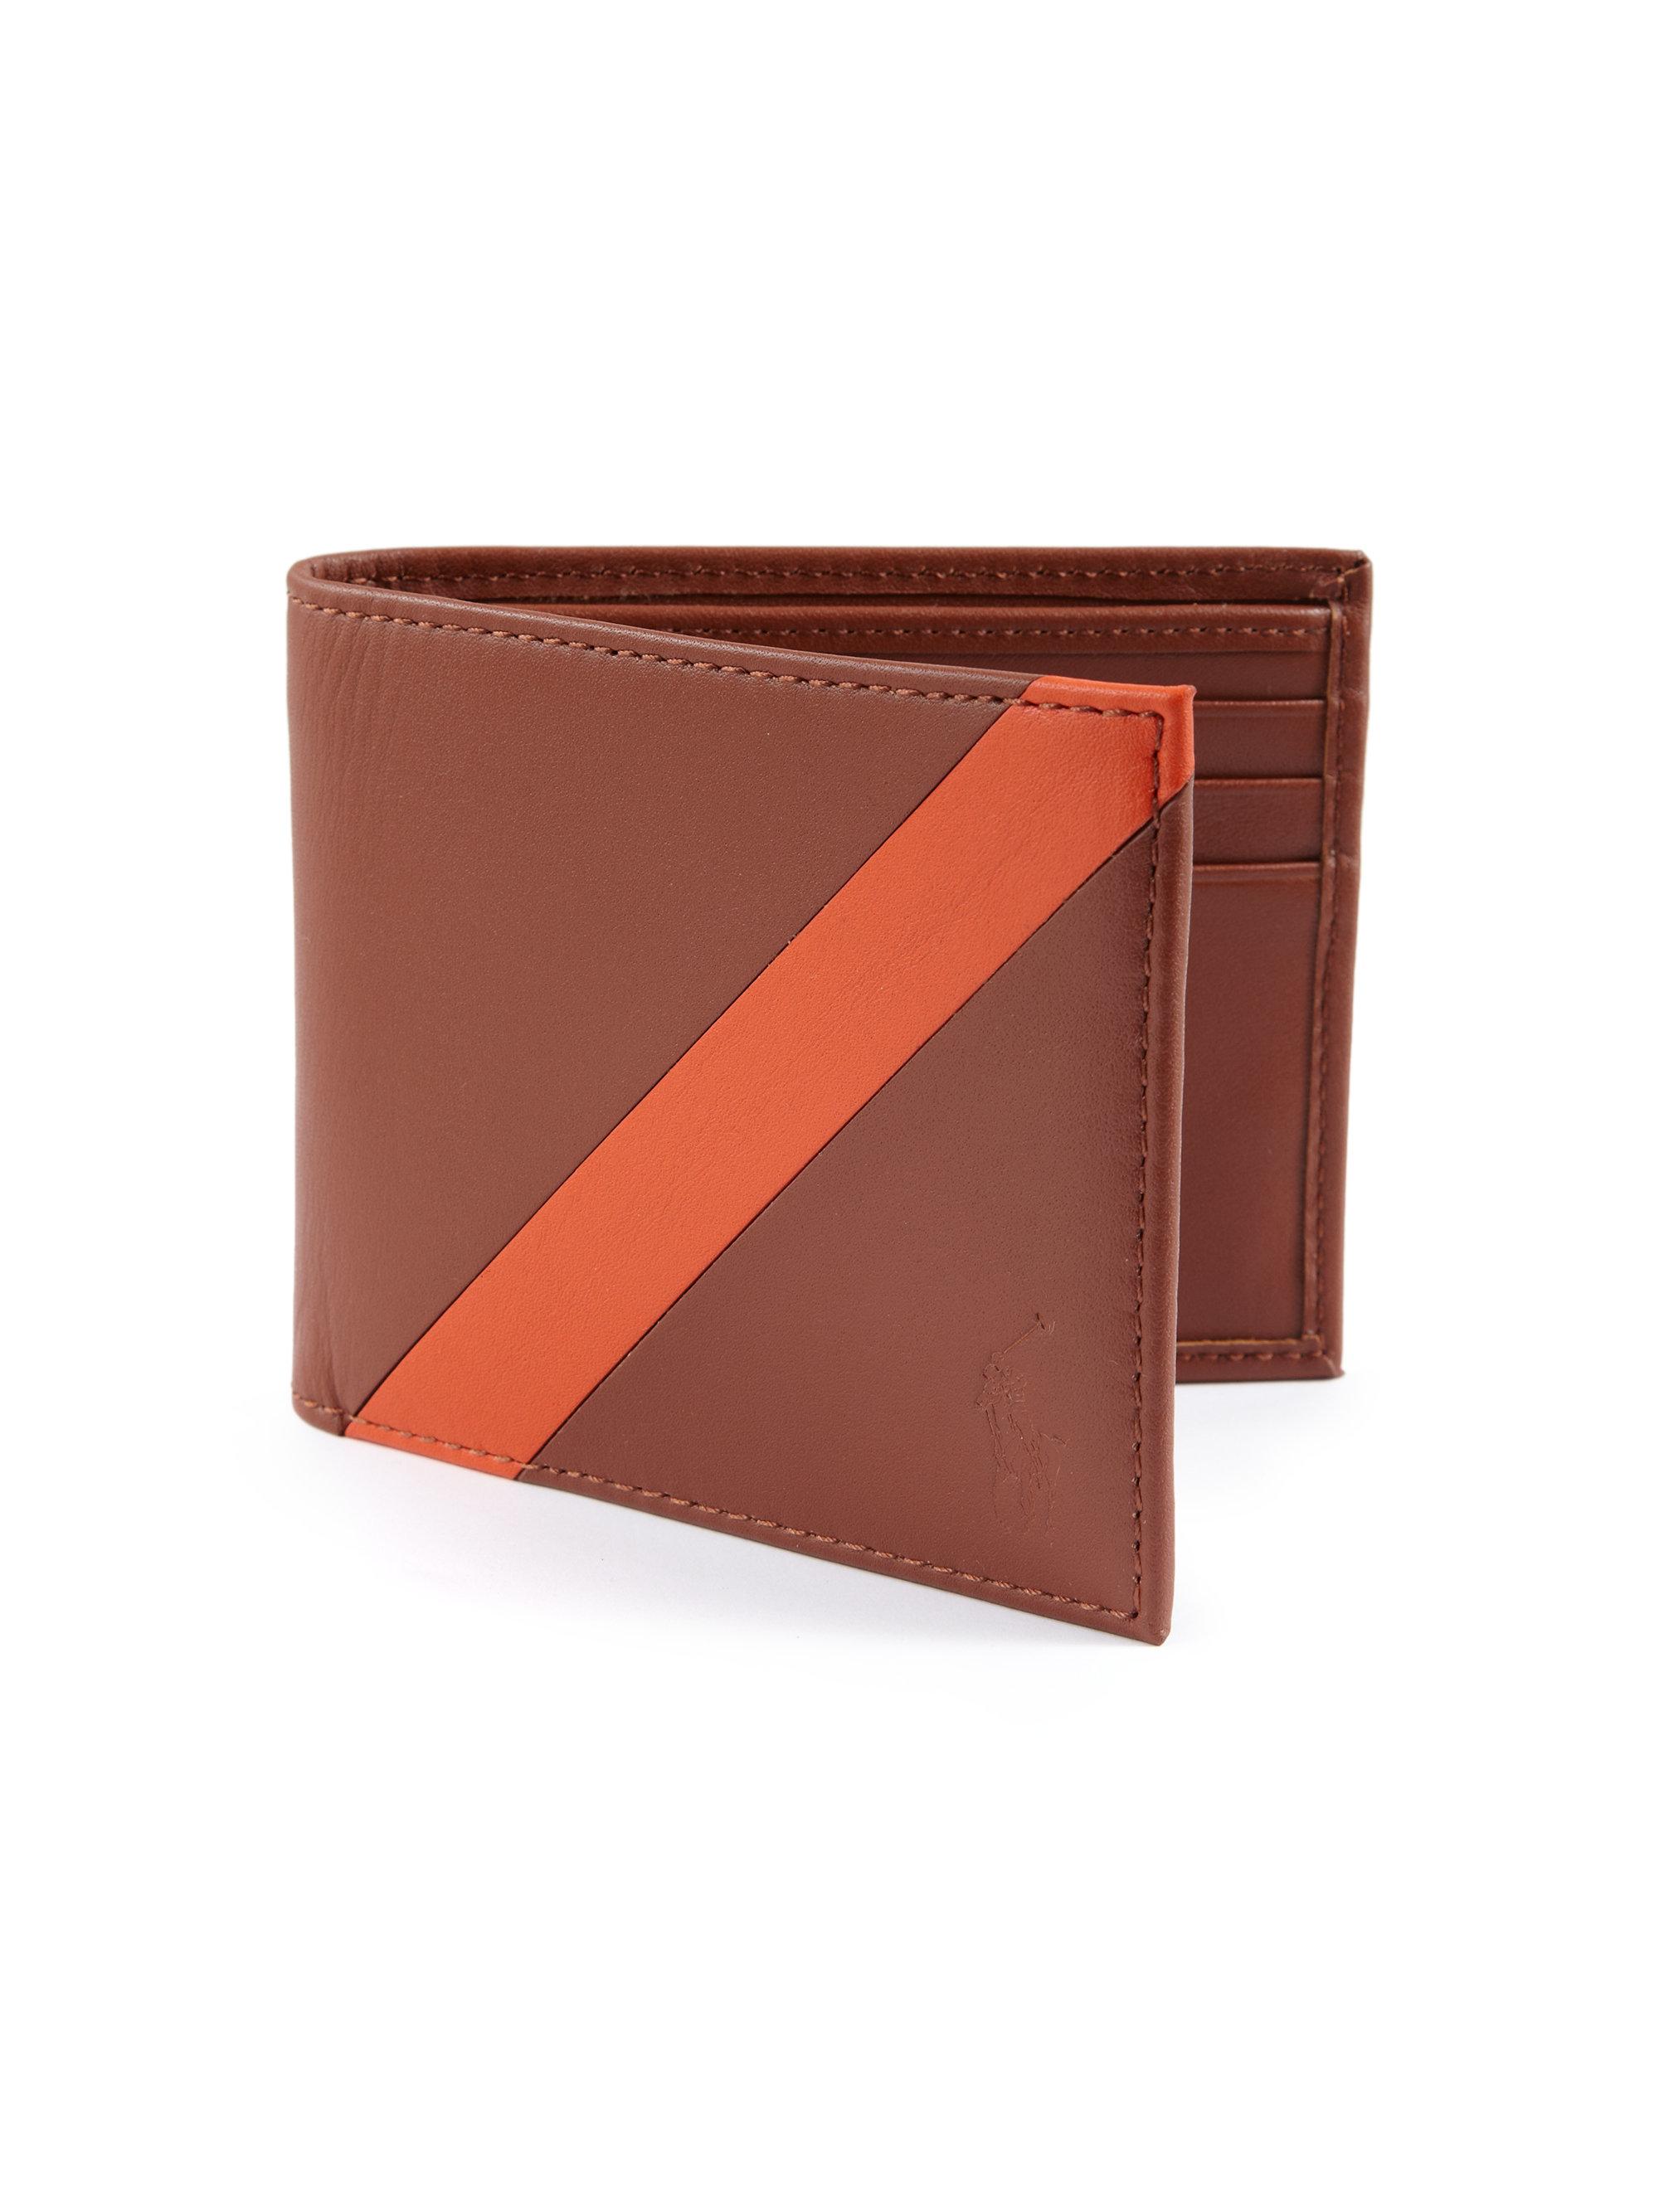 Lyst - Polo Ralph Lauren Contrast Stripe Billfold Wallet in Brown ... de4196f66a2